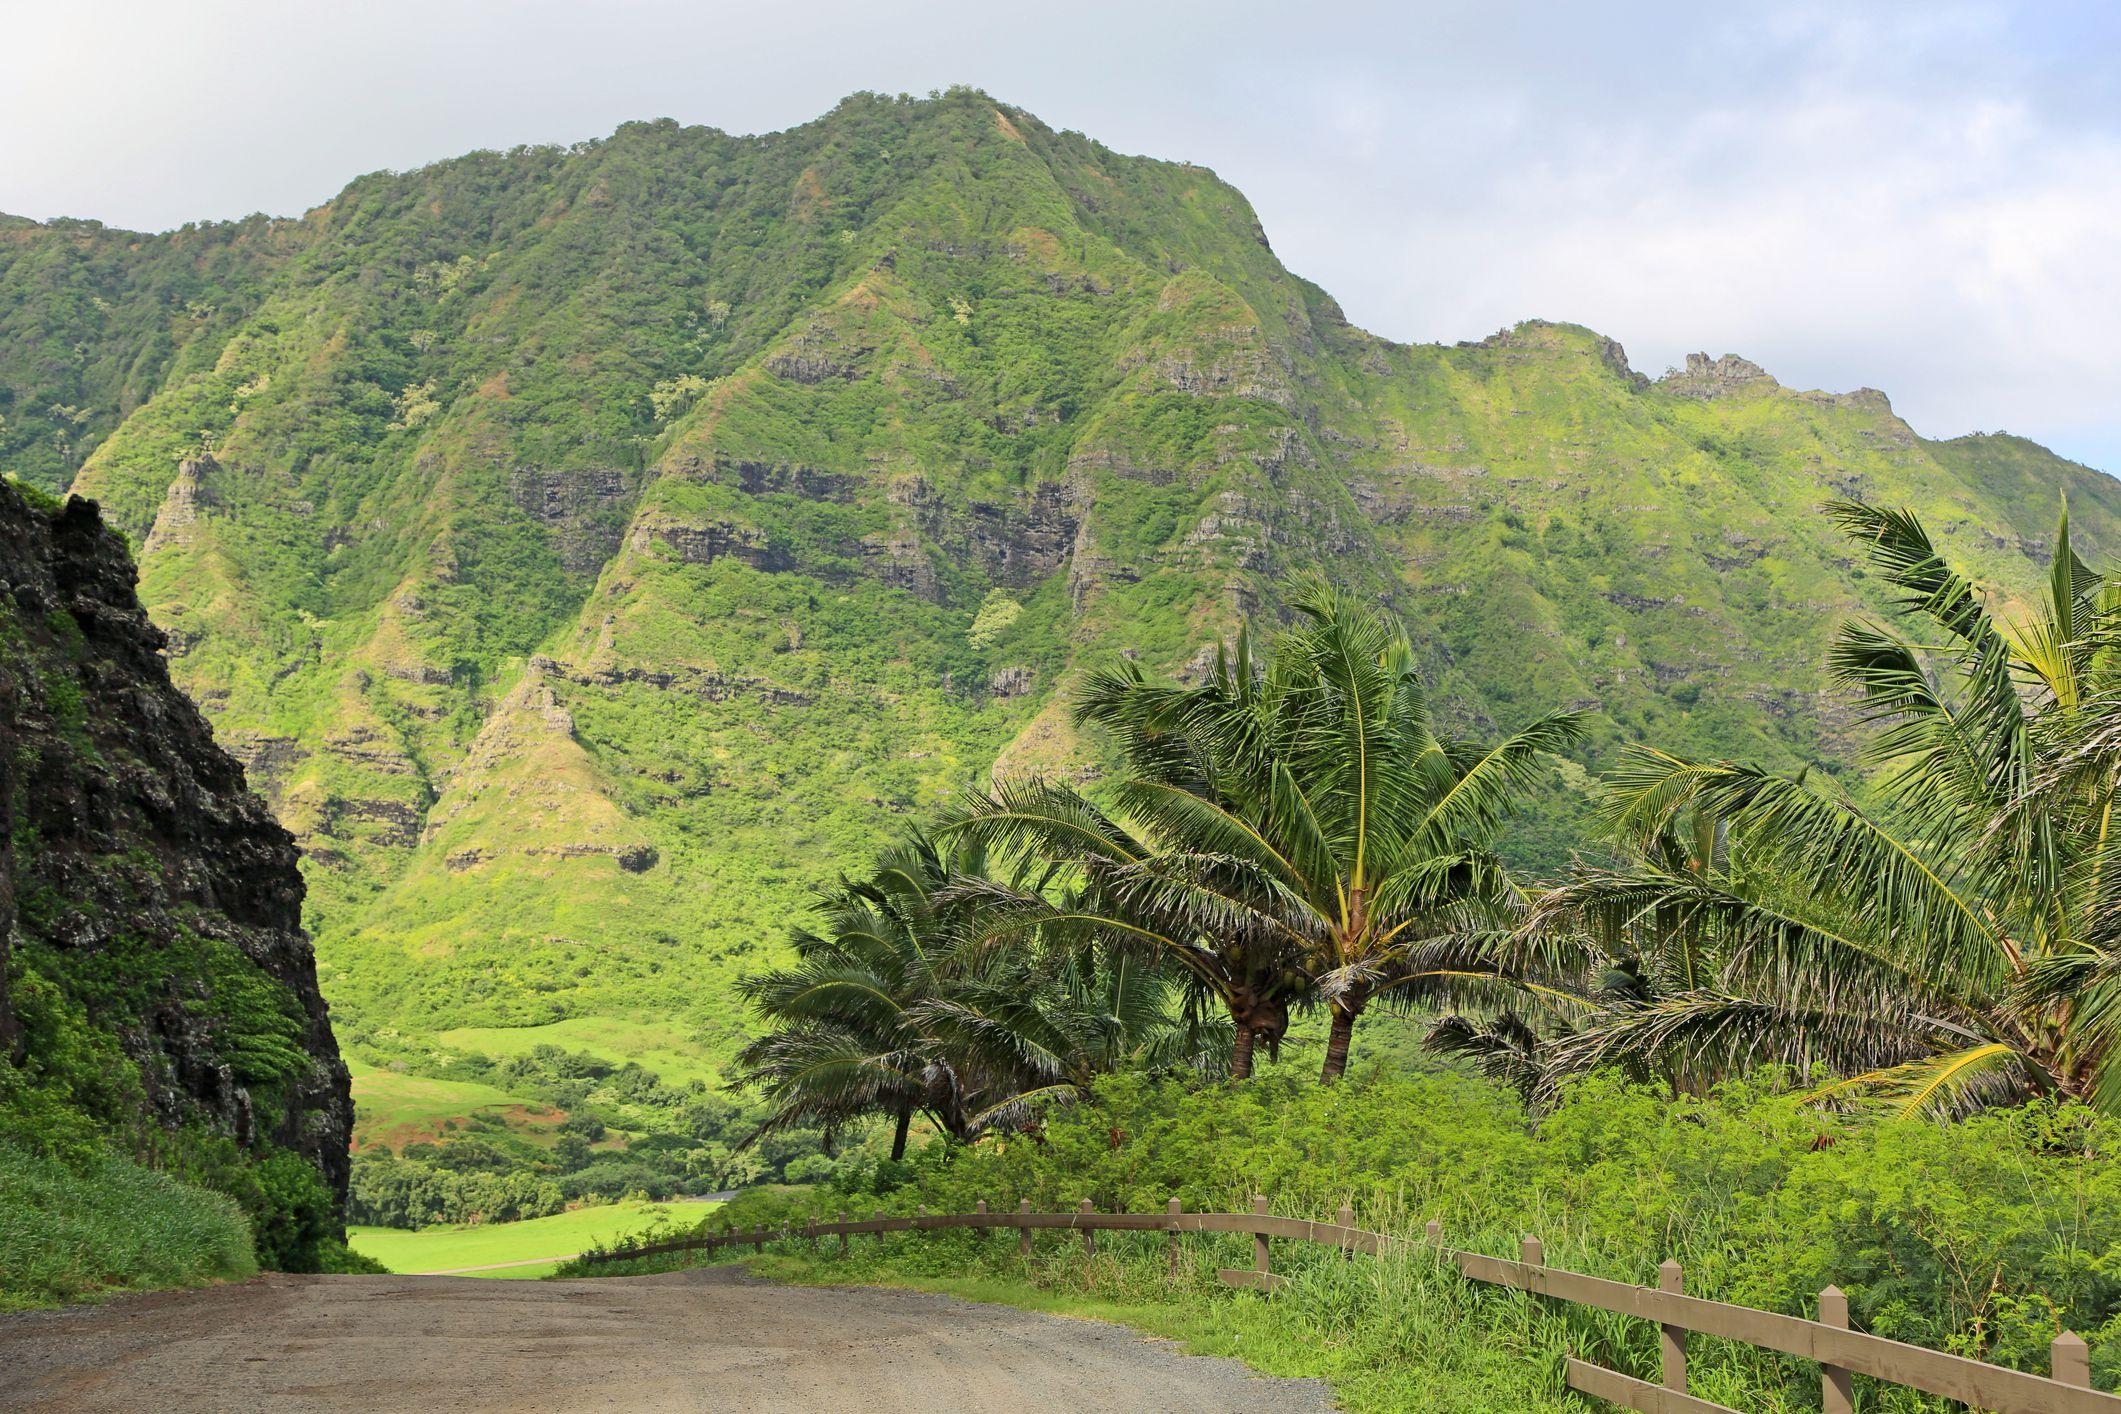 Landscape in Kualoa Ranch, Oahu, Hawaii.